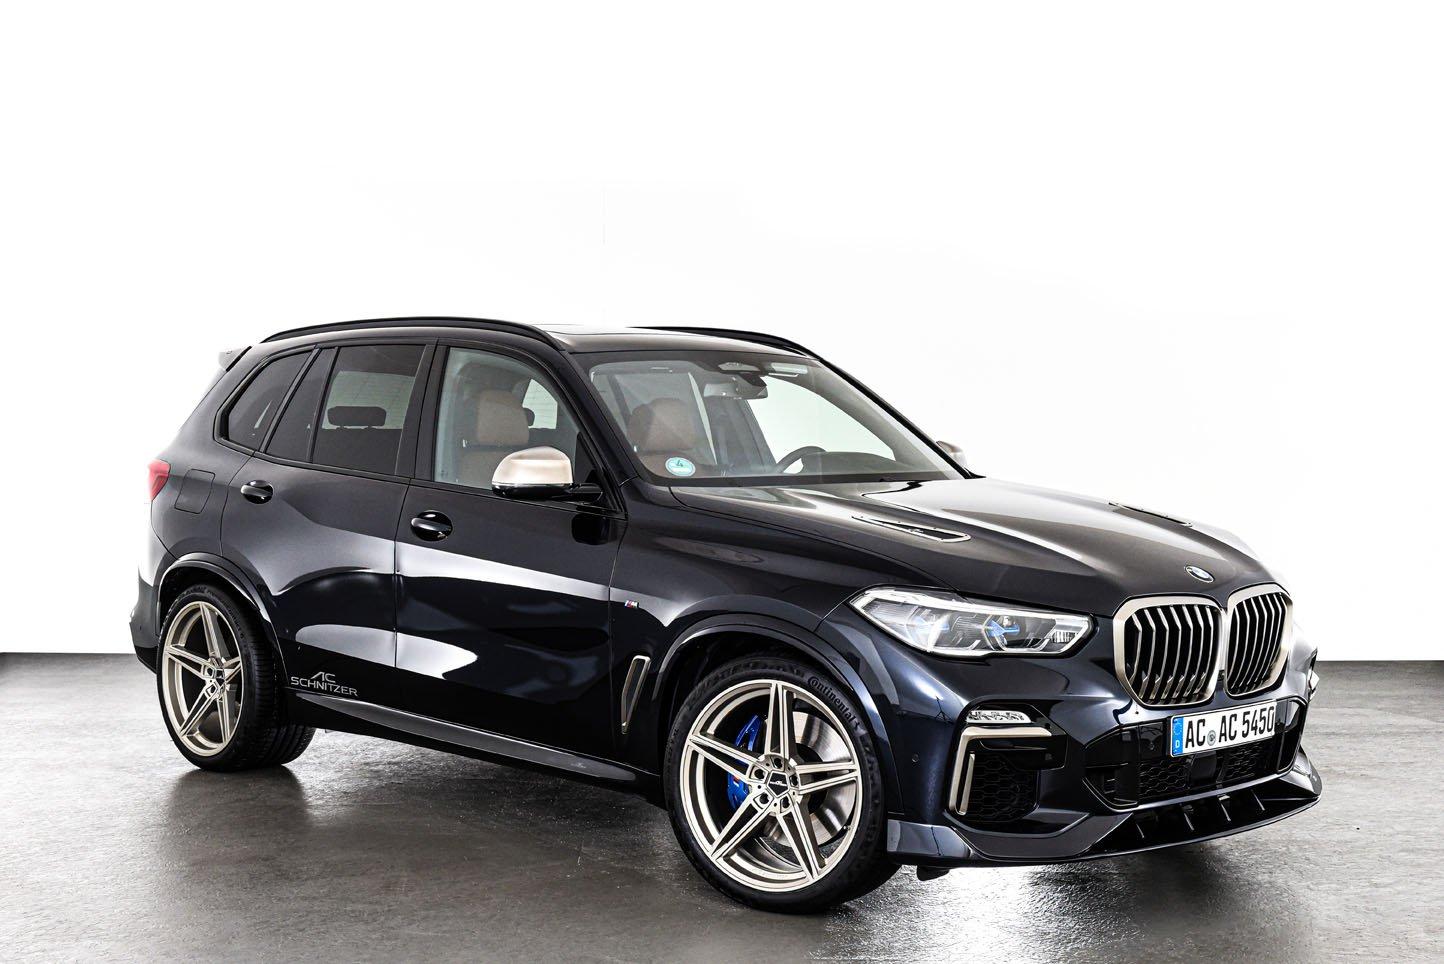 BMW-X5-by-AC-Schnitzer-2019-6